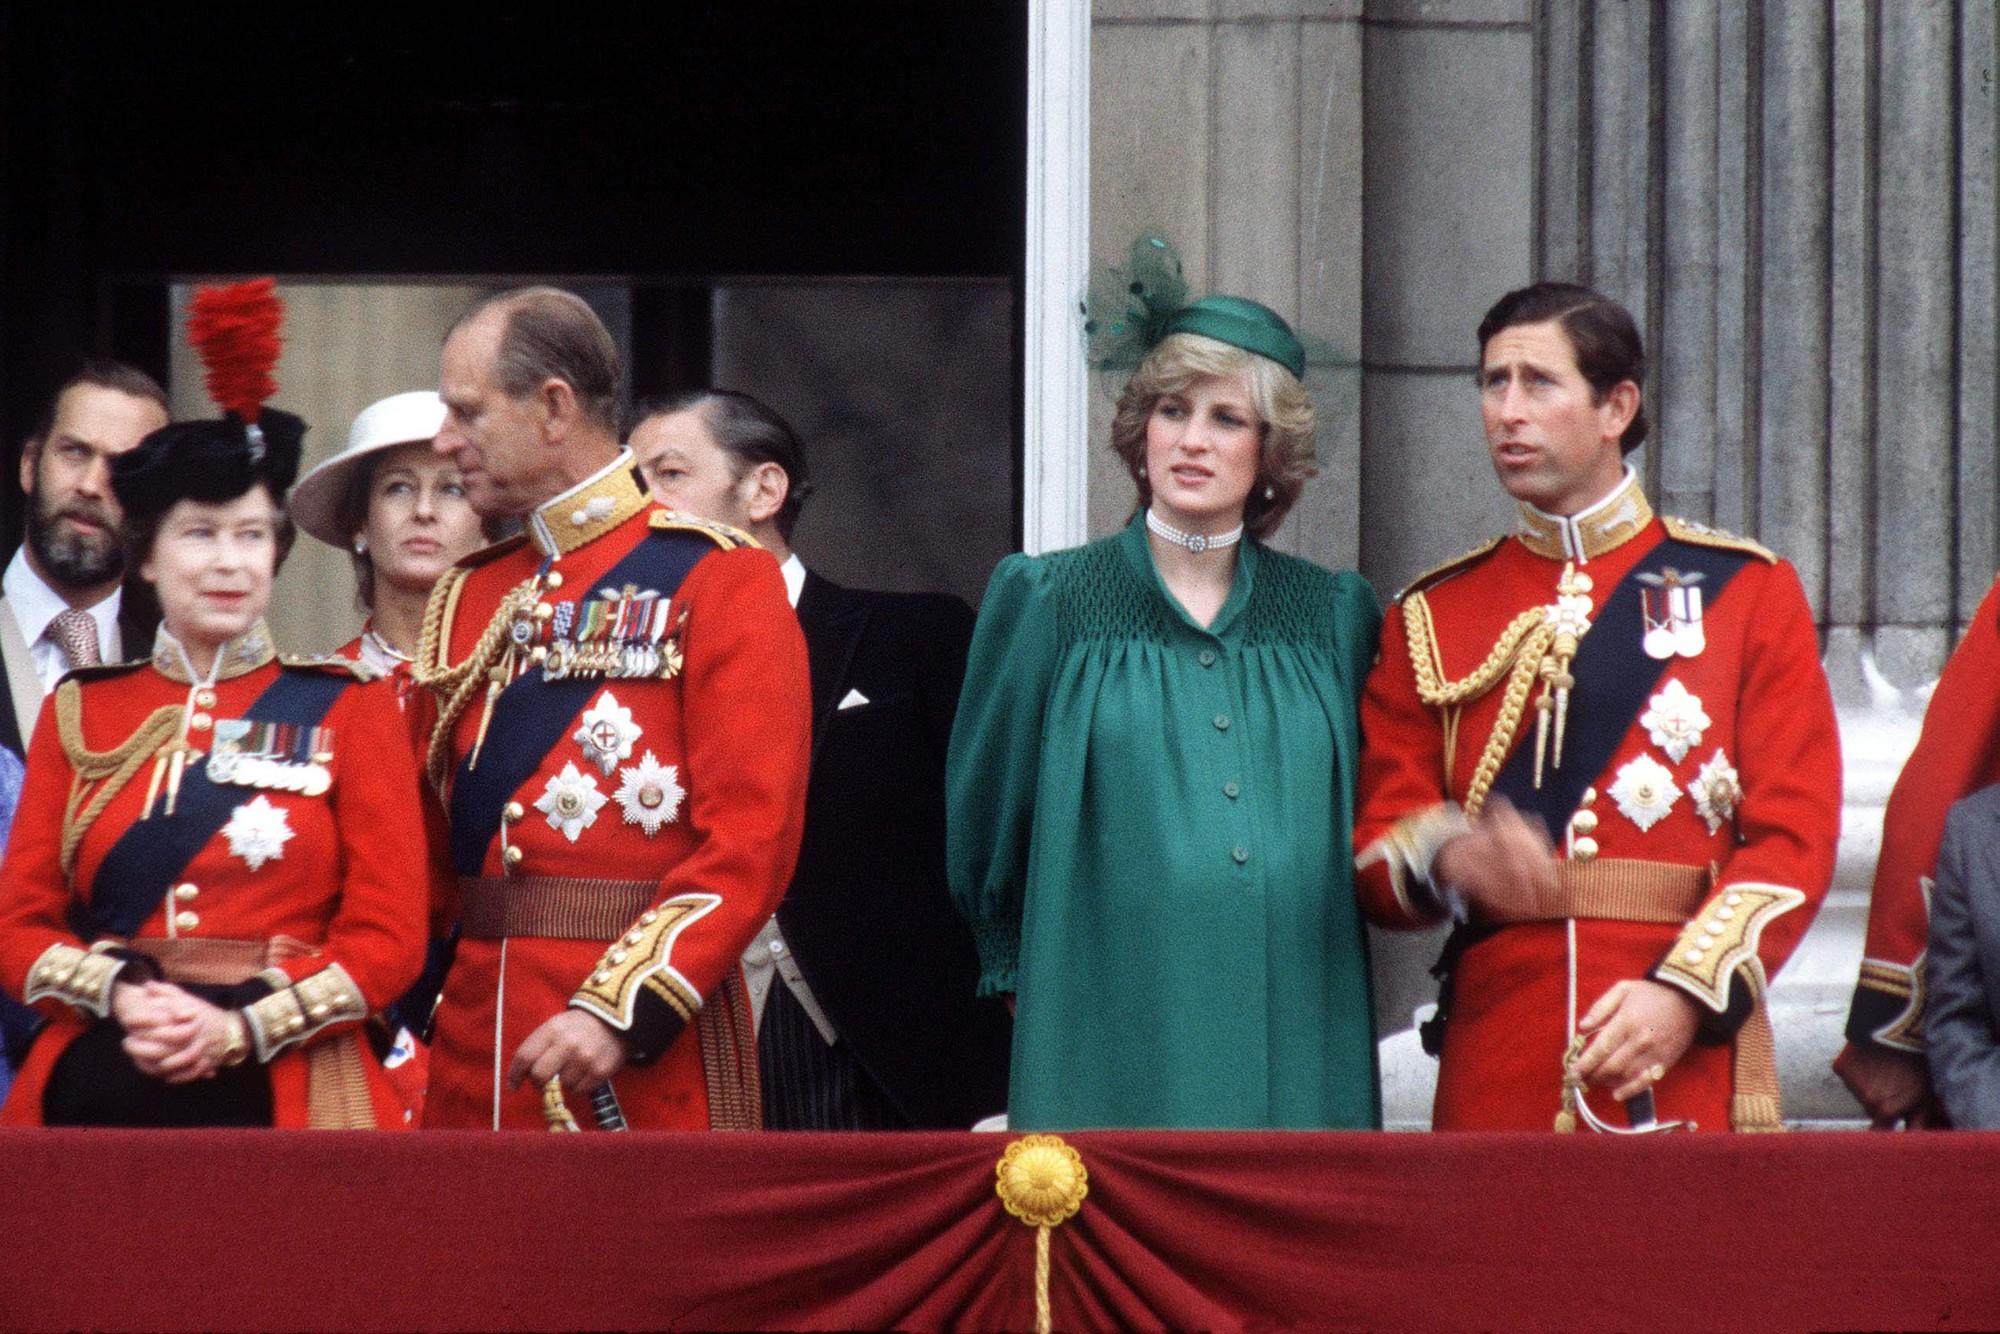 5 lần tự sát không thành của Công nương Diana, ngay cả khi đang mang thai và thái độ dửng dưng của Thái tử Charles - Ảnh 2.